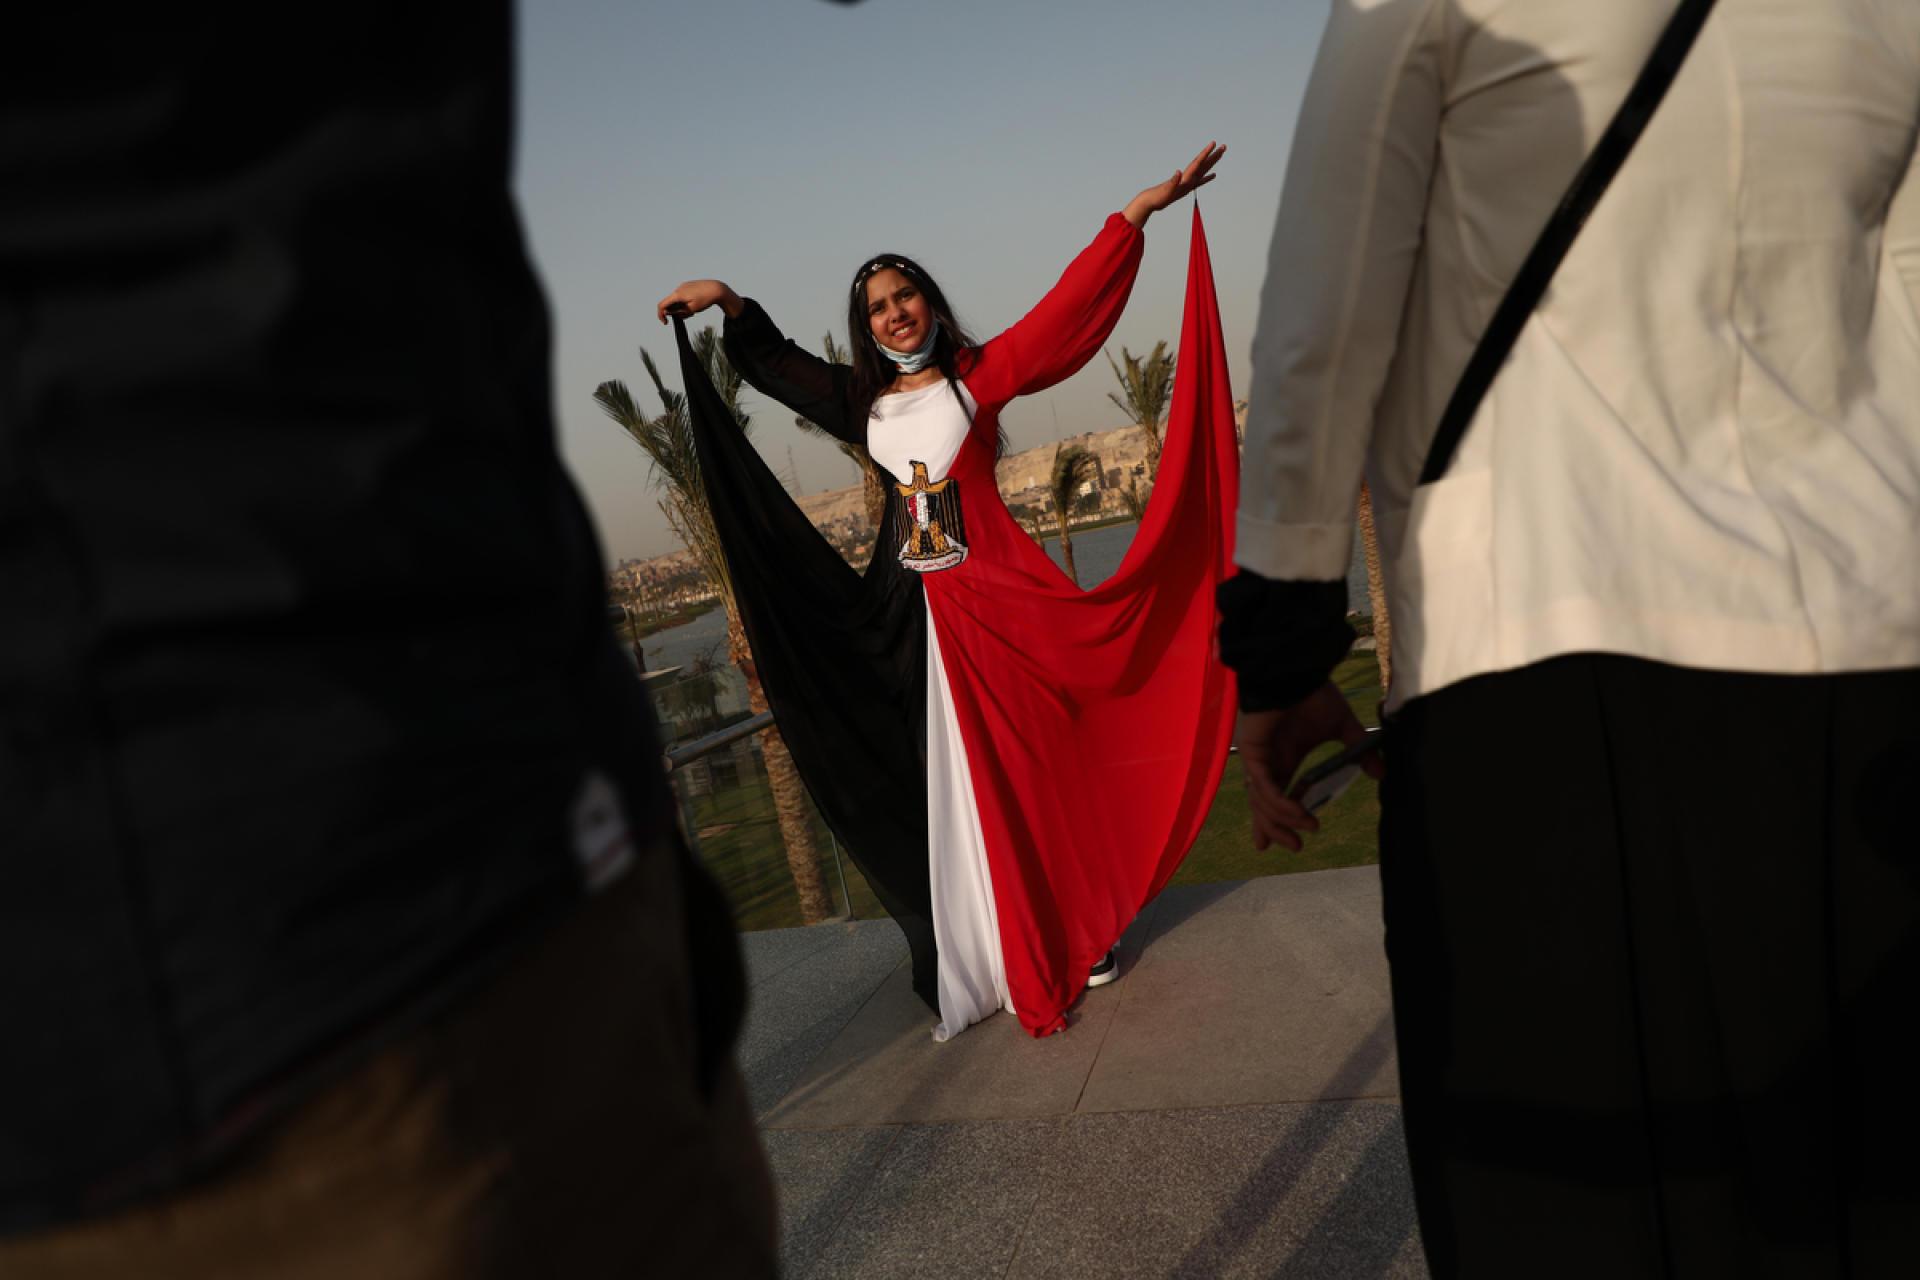 Une jeune fille porte une robe aux couleurs de l'Egypte sur le parvis du nouveau Musée national de la civilisation égyptienne, auCaire, le 4 avril 2021.